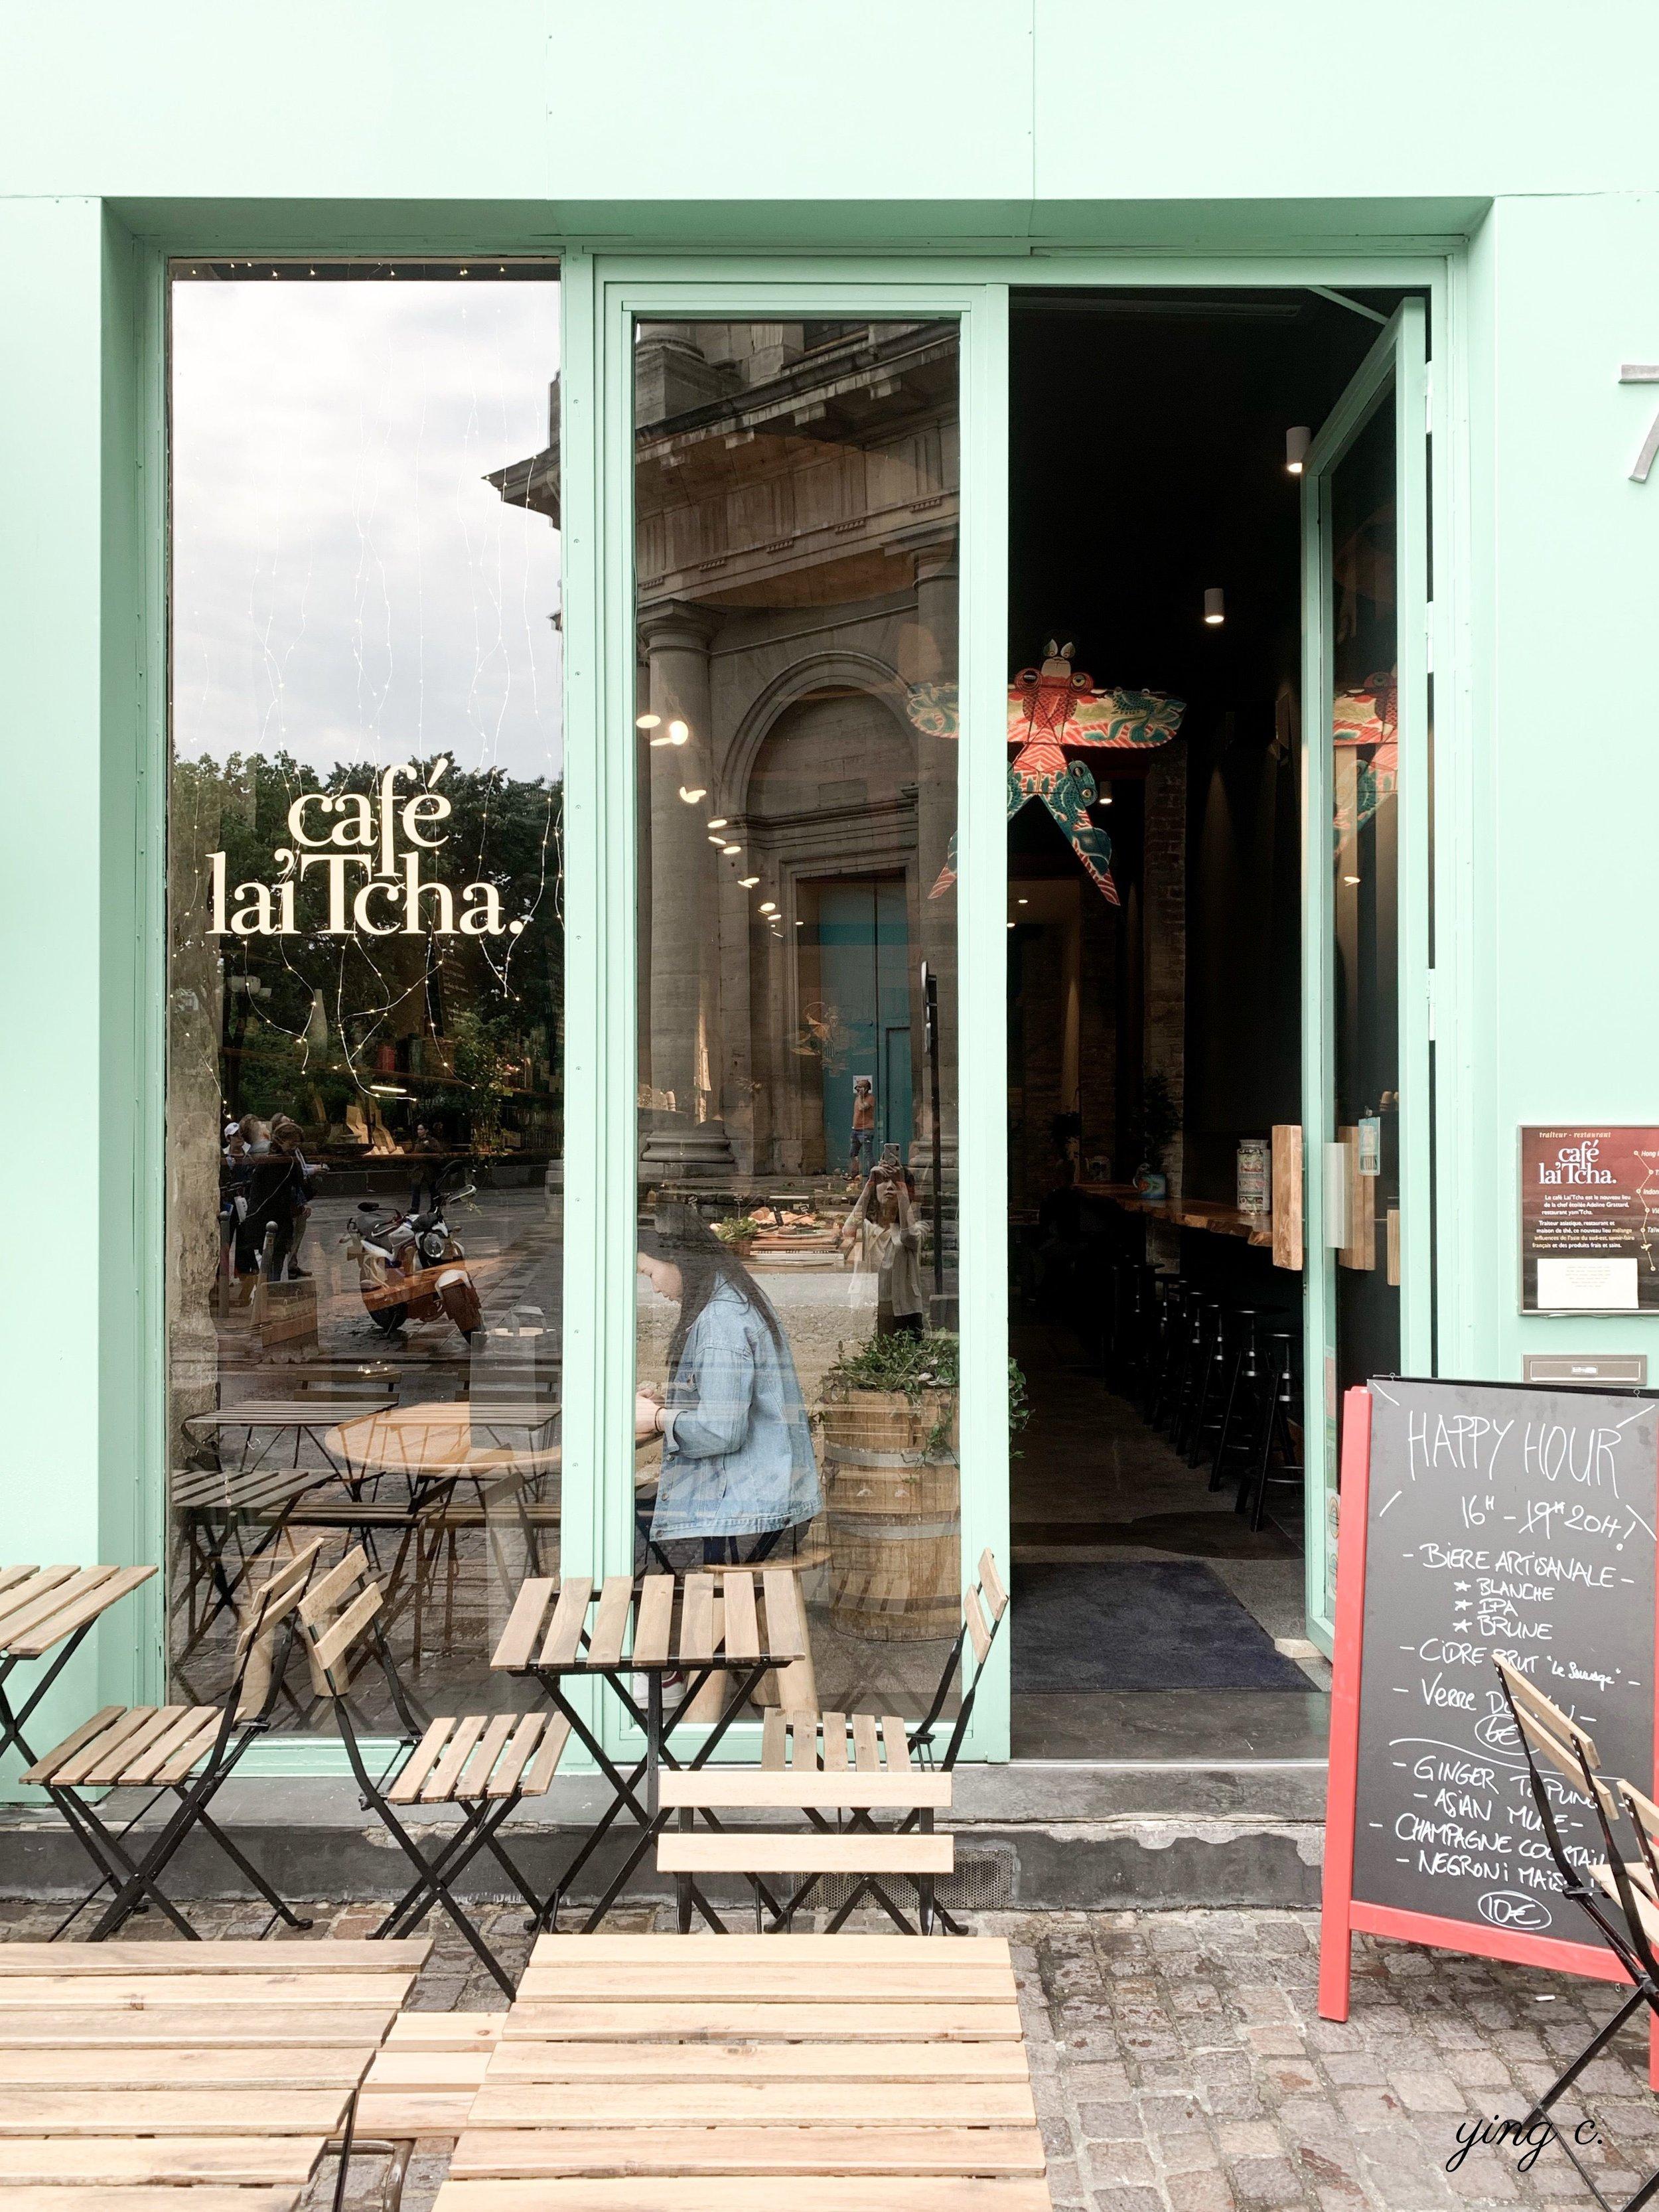 Café Lai'Tcha 的店面。